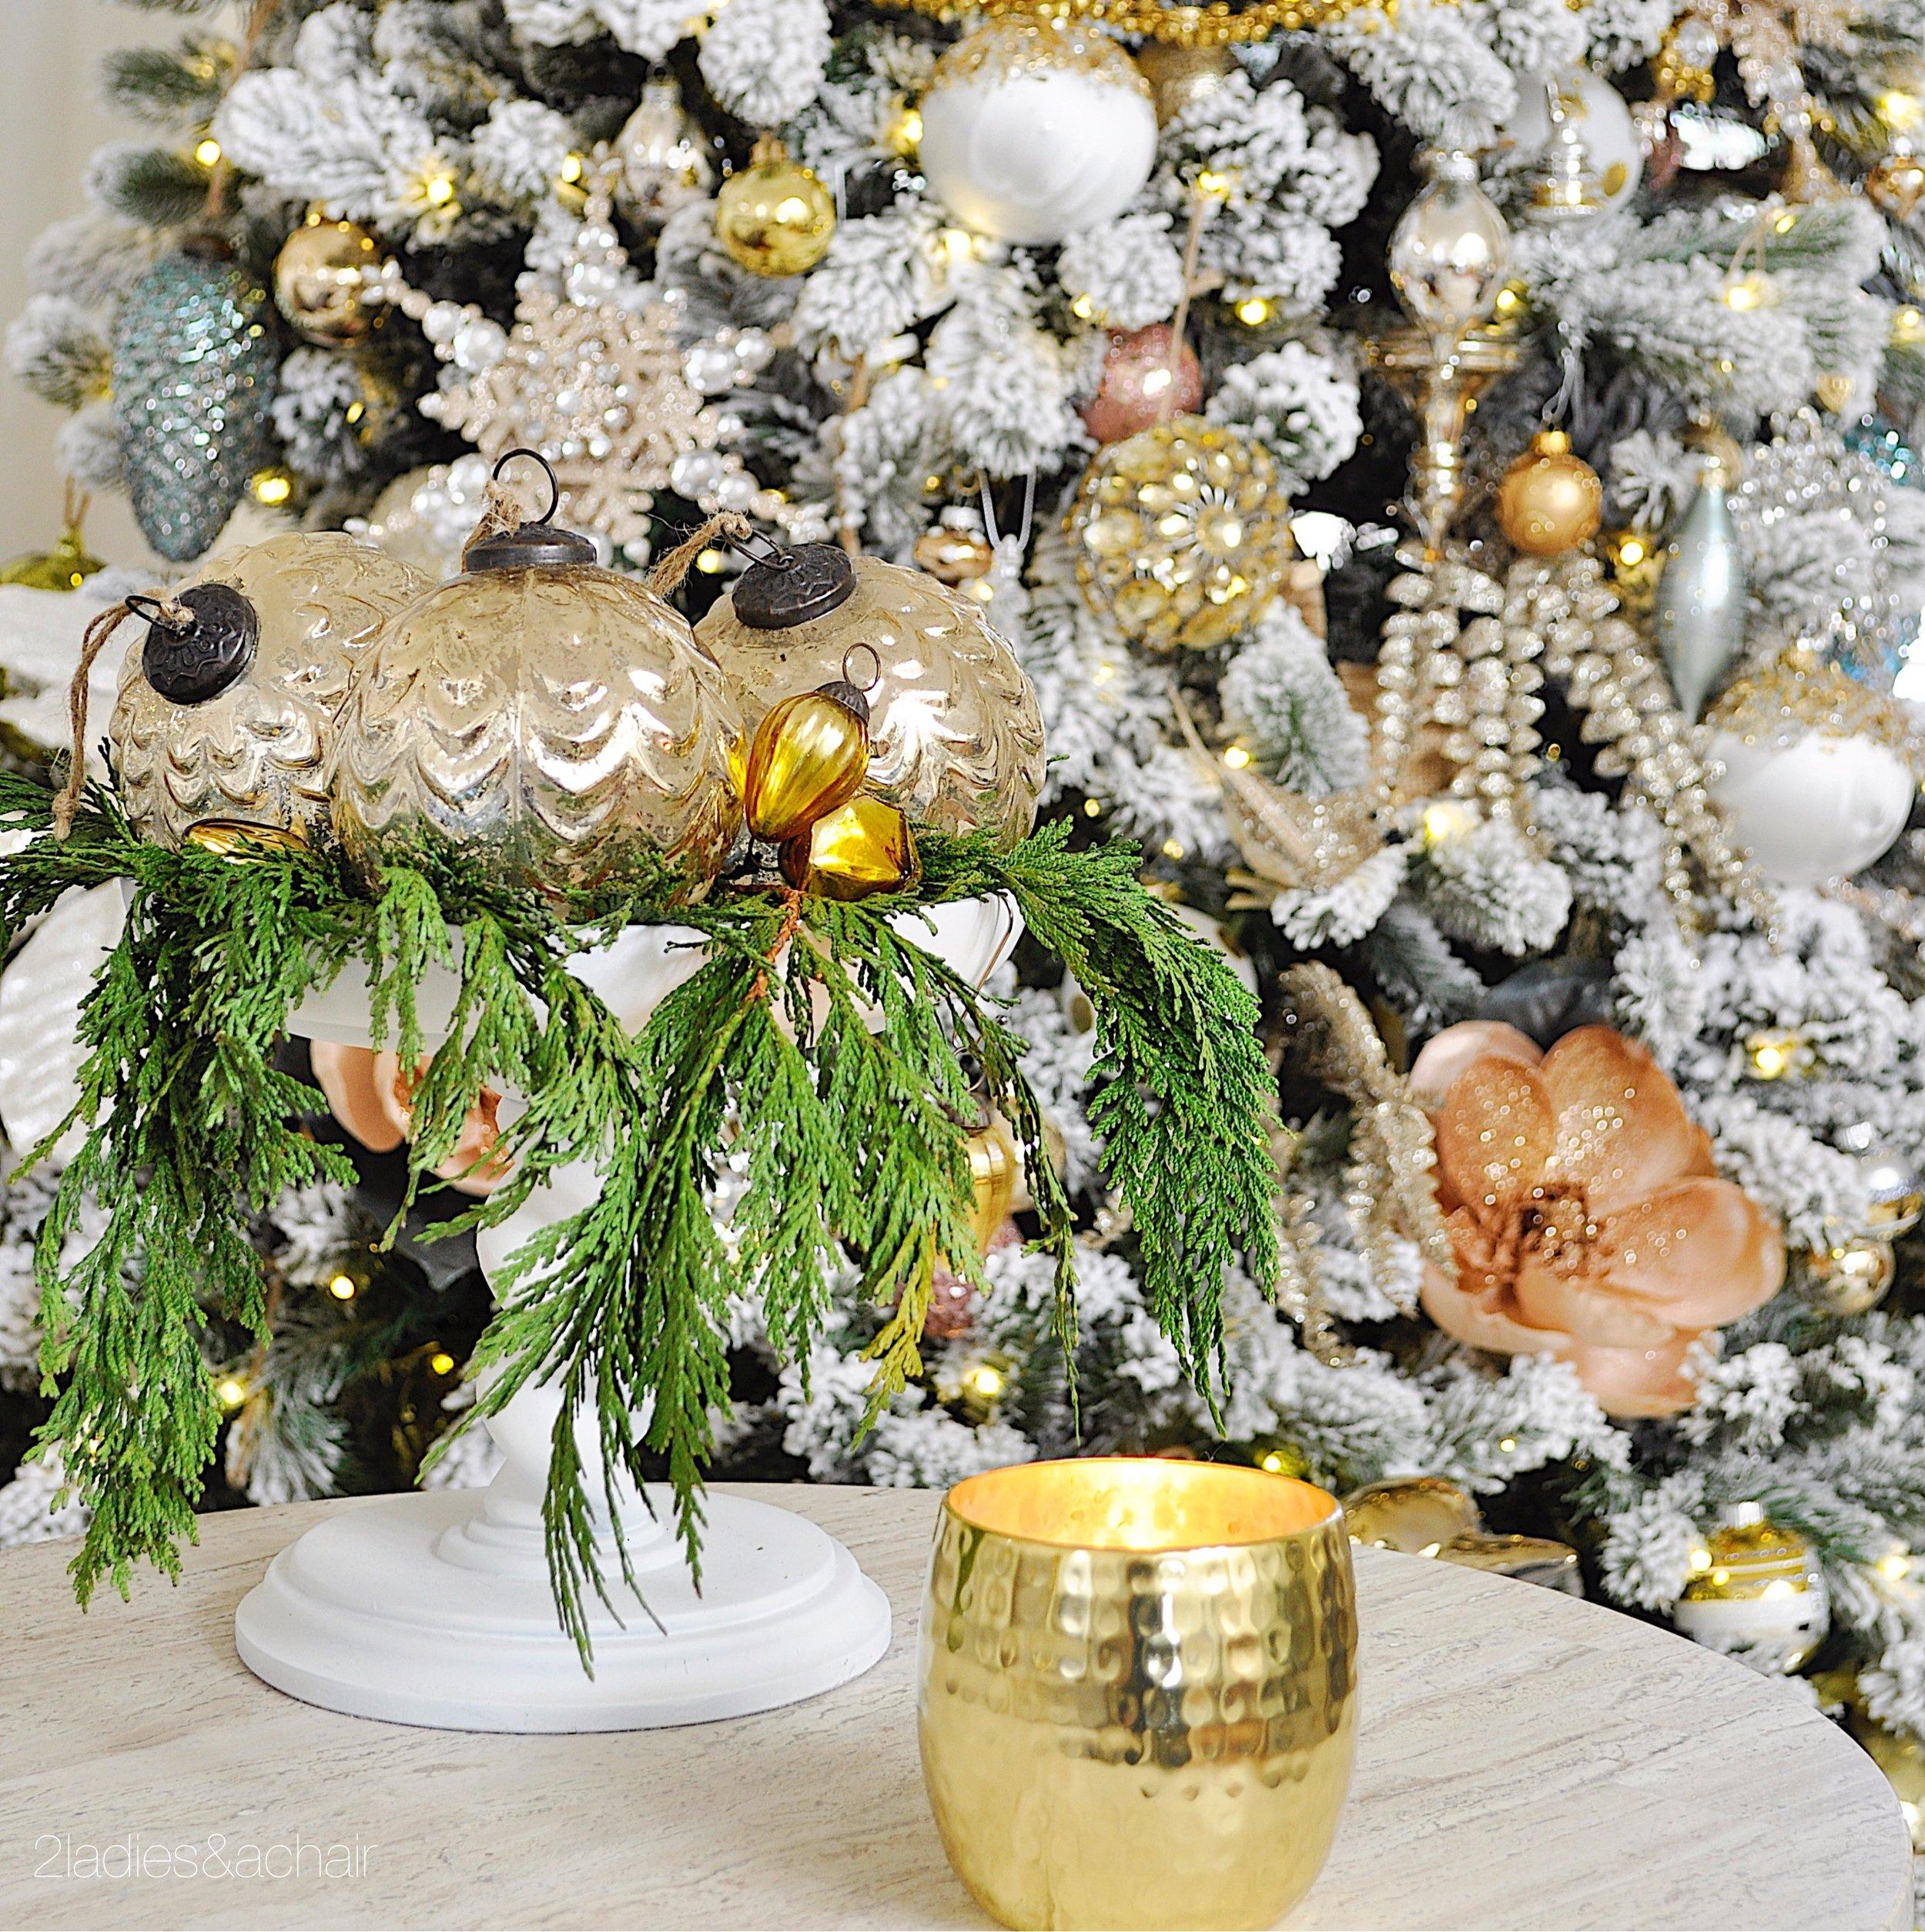 christmas home decorating IMG_8595.JPG